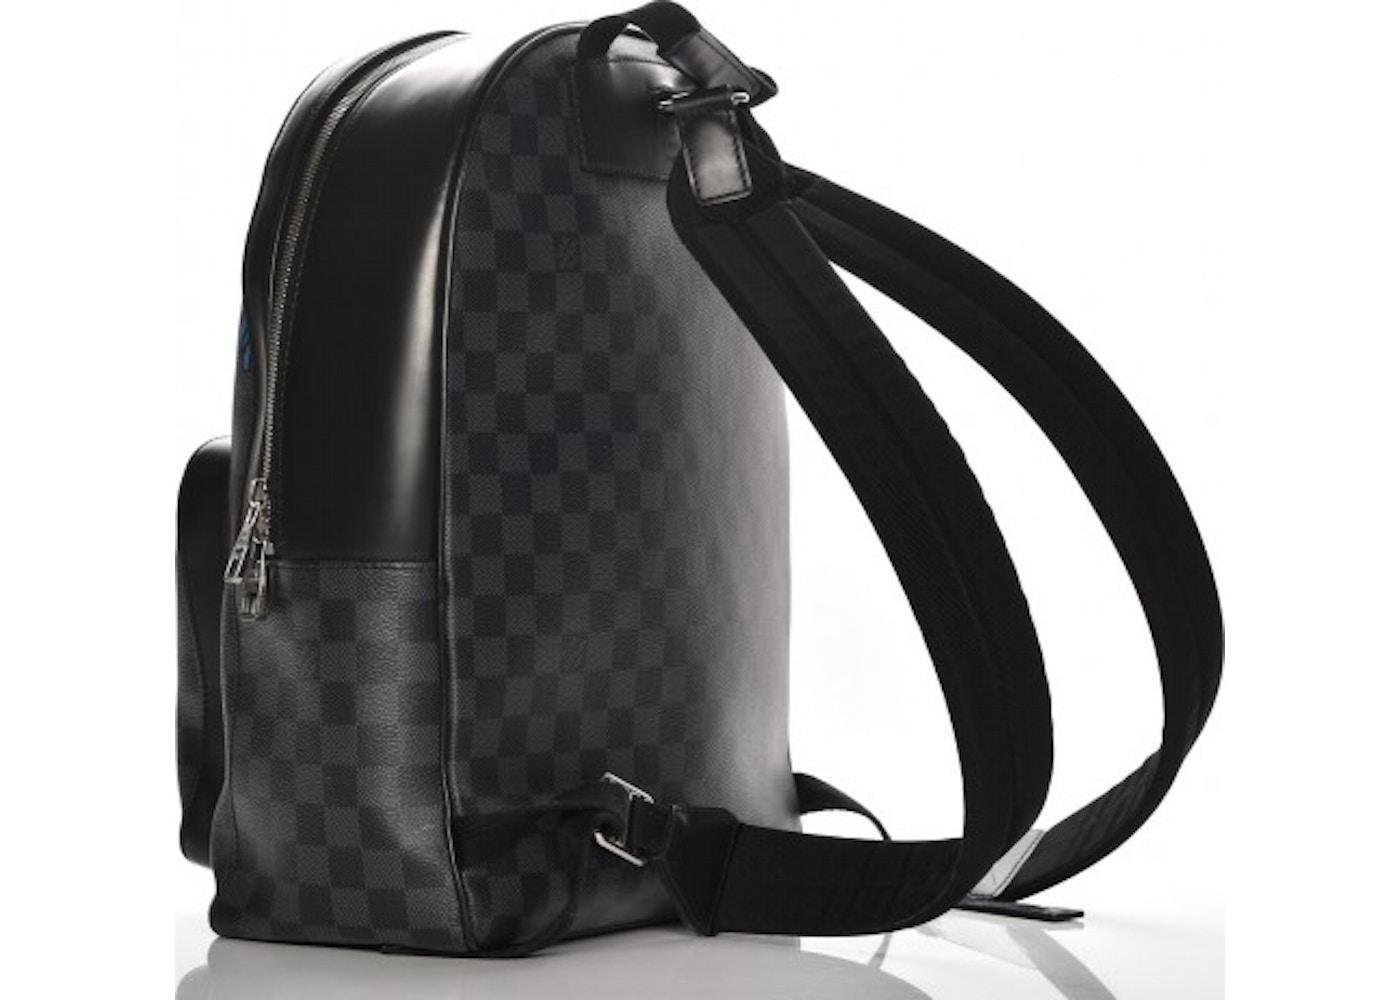 dcc5945b26f9 Louis Vuitton Josh Damier Christopher Nemeth Rope Graphite Black Blue  Black Blue